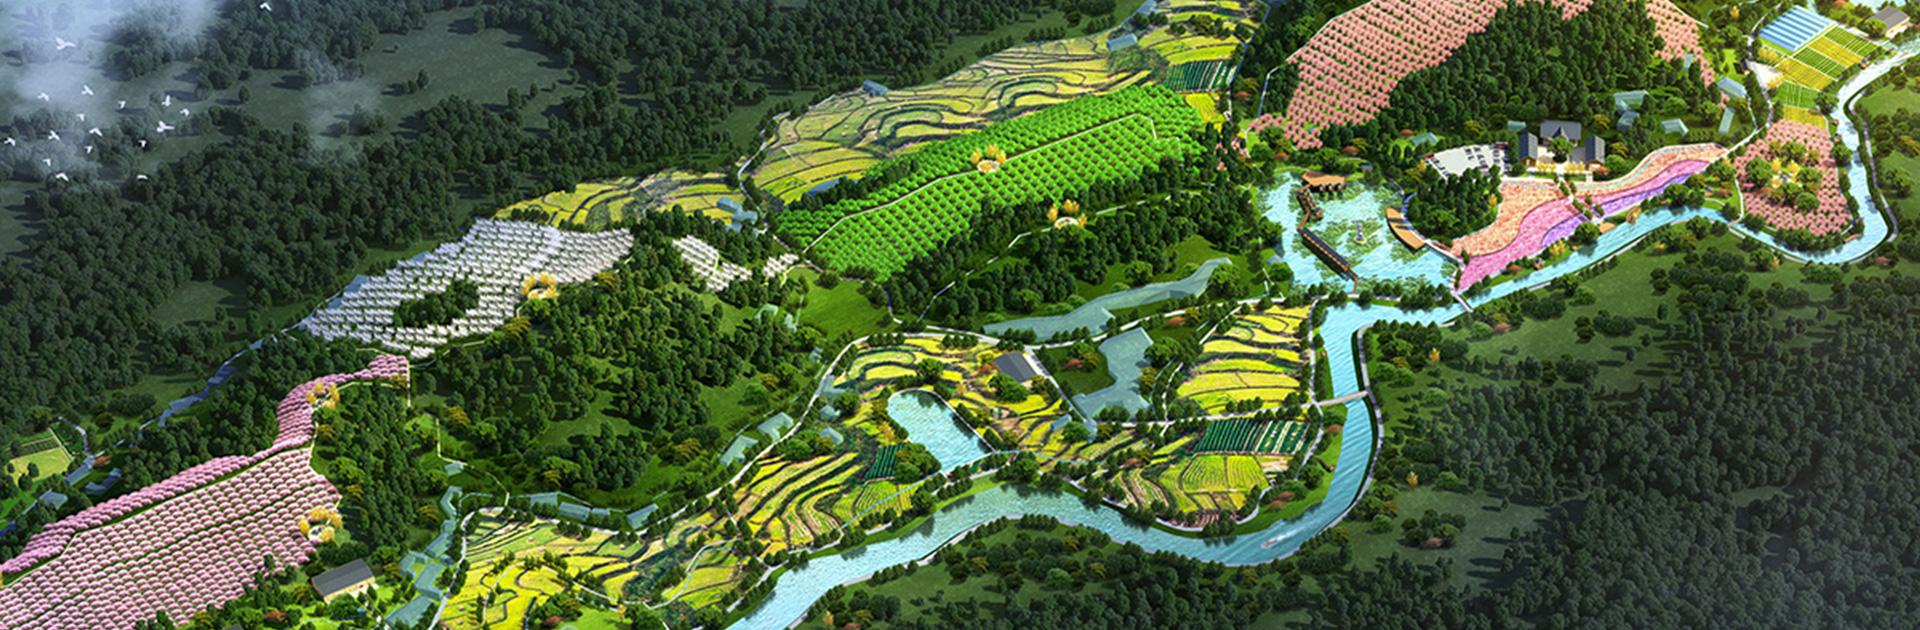 重庆生态农庄威廉希尔